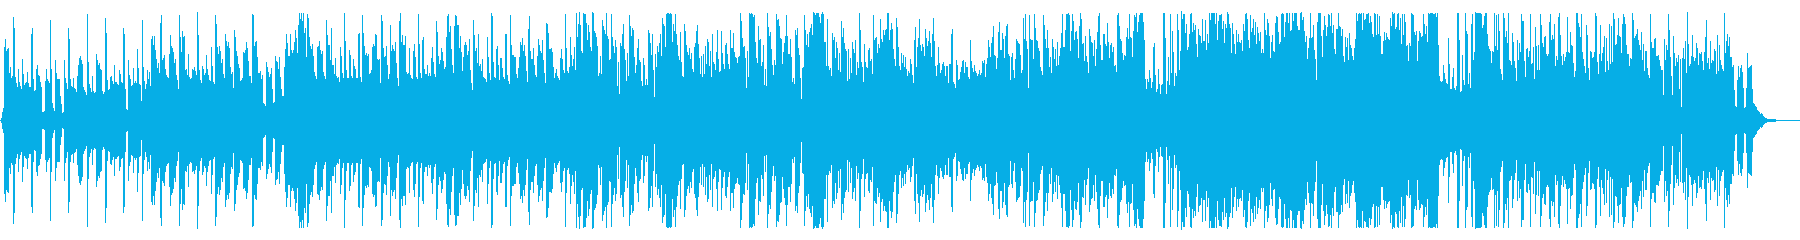 都会的でクールなディスコサウンドの再生済みの波形